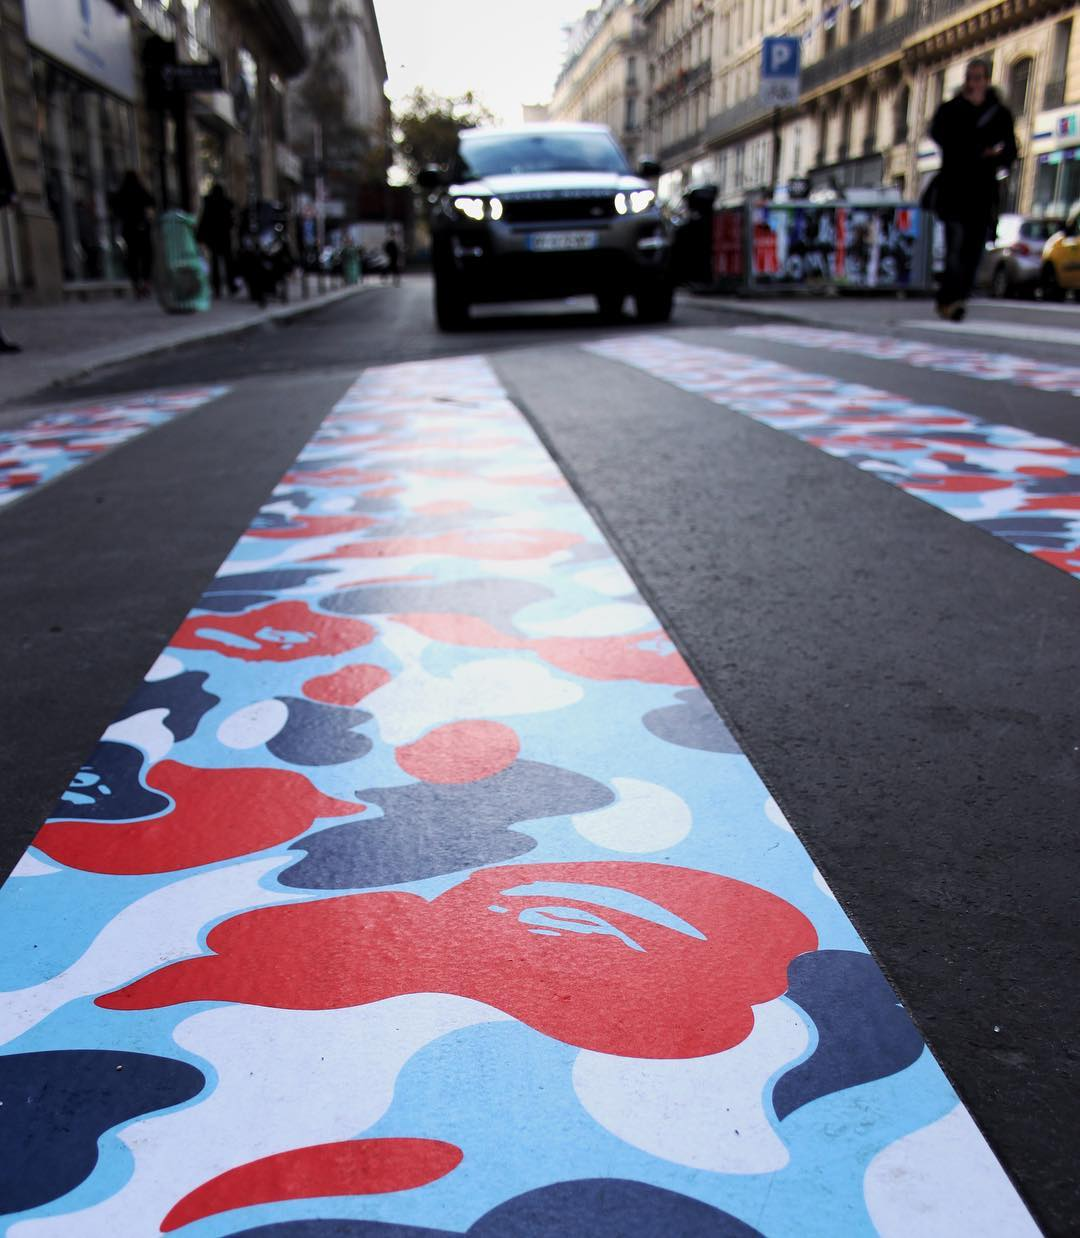 BAPE Paris store shop ouverture ABathingApe Instagram diegoparis - BAPE :  opération camouflage dans les rues de Paris pour l'ouverture de son shop